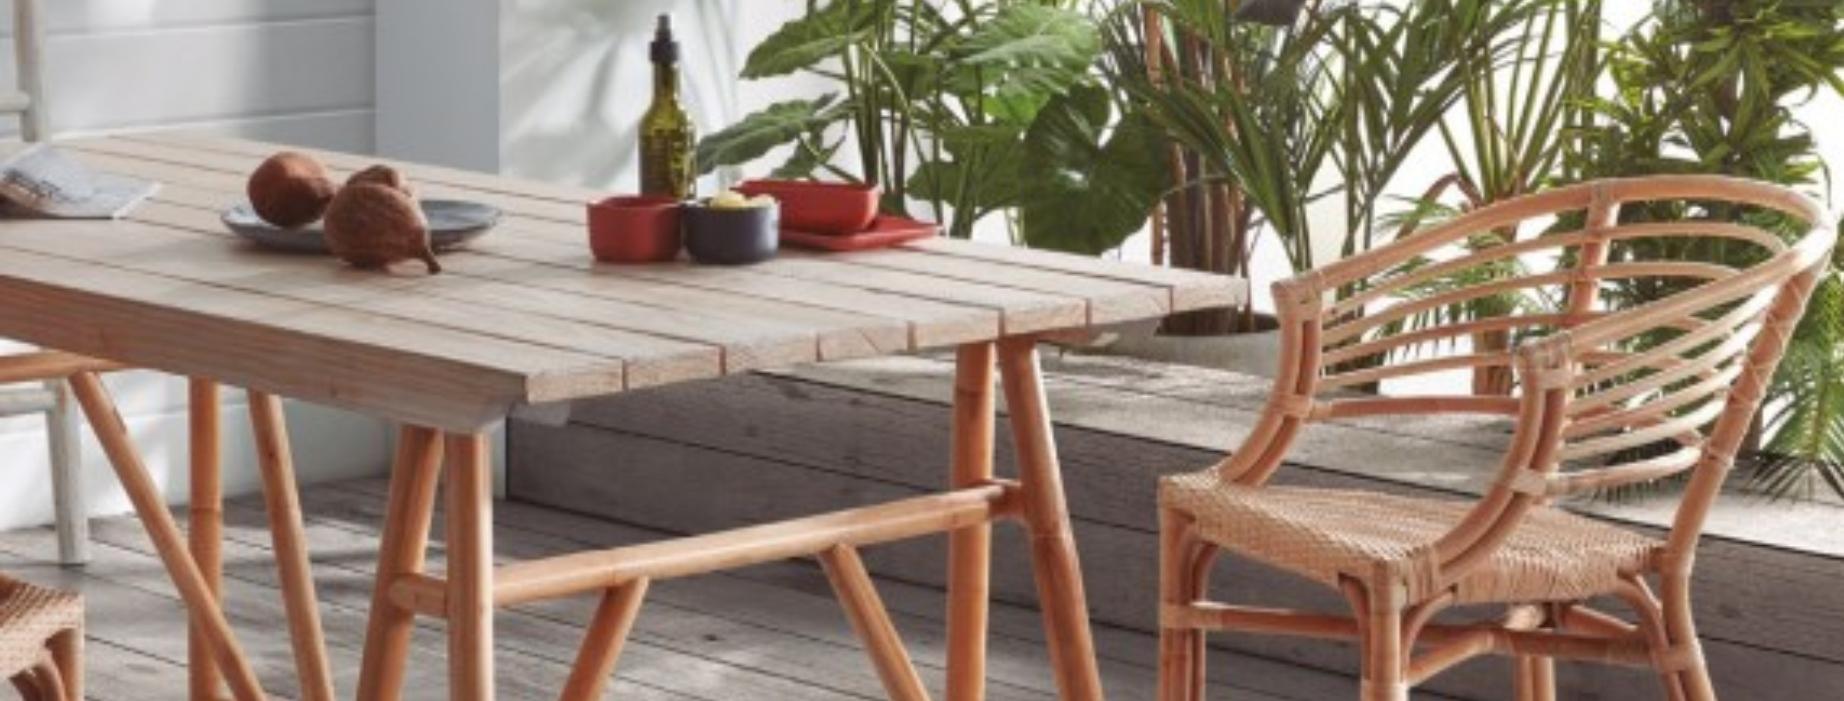 Los muebles que no pueden faltar este verano en tu terraza o jardín